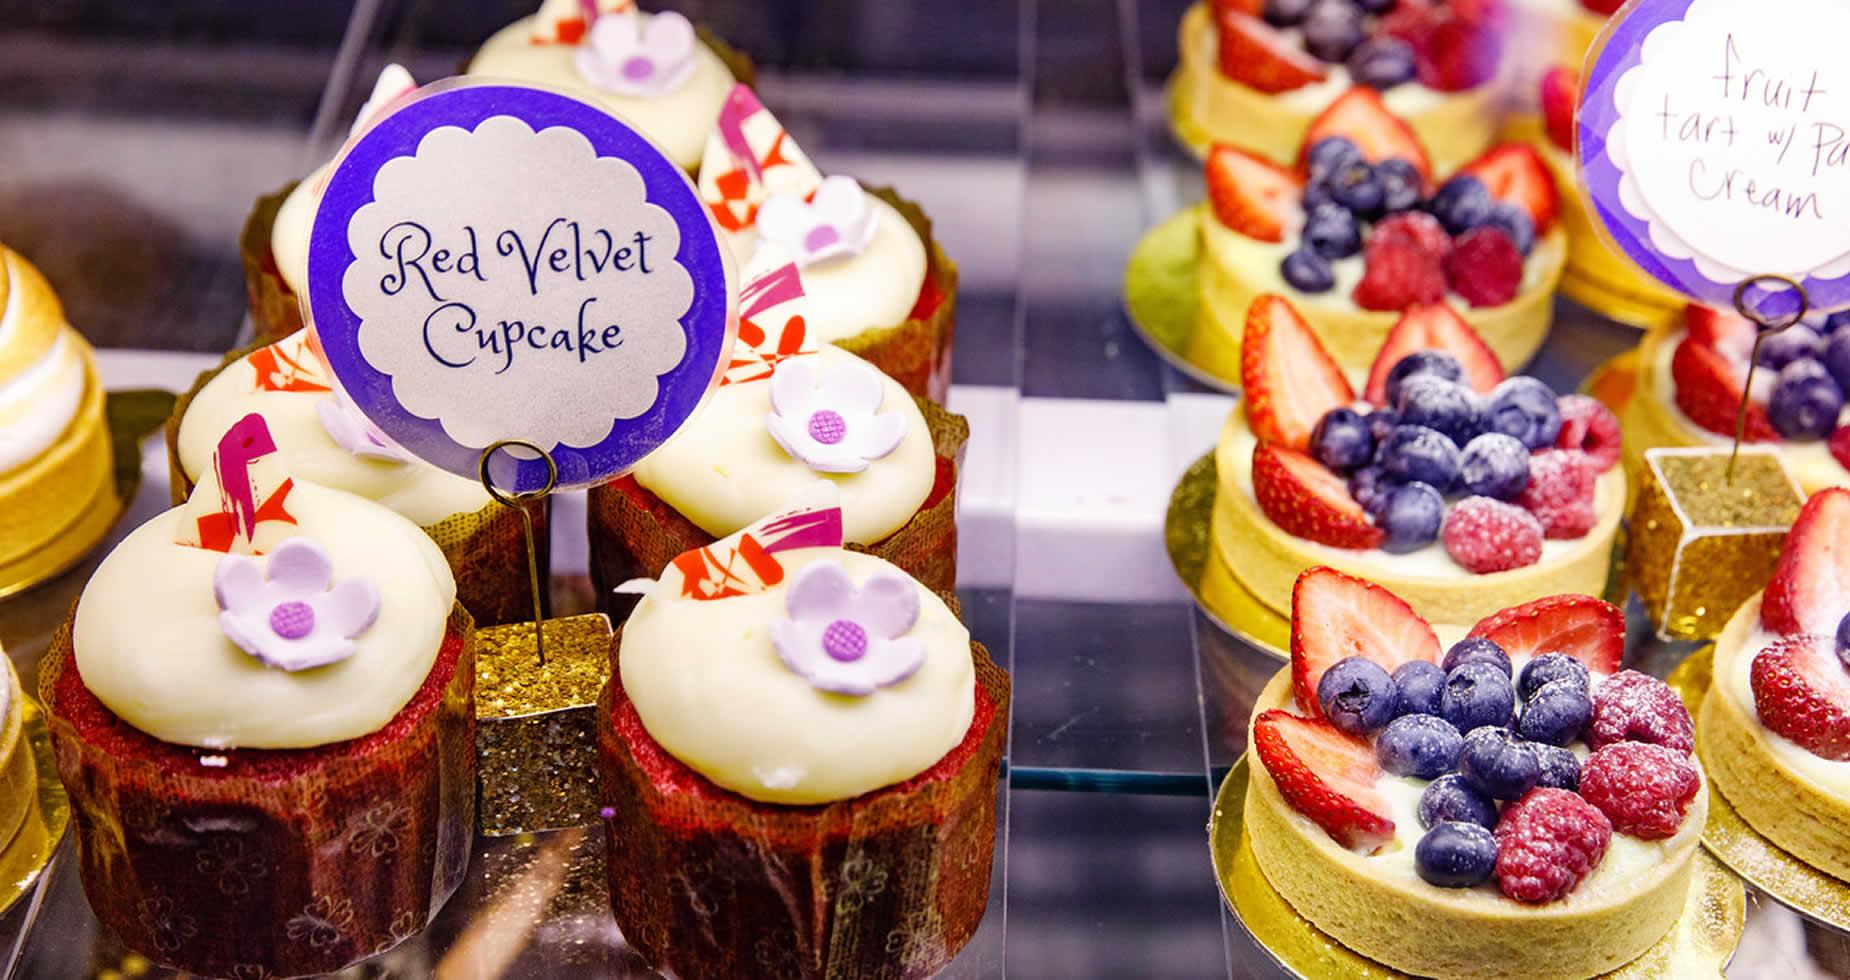 Red Velvet Cupcake & Fruit Tarts